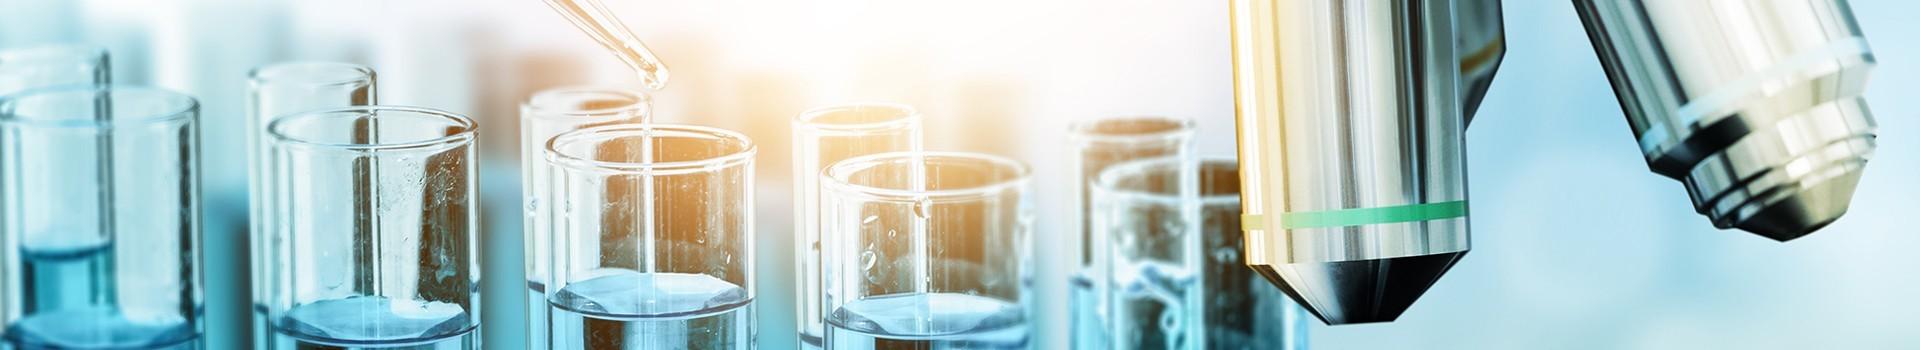 Πλαστικά Είδη